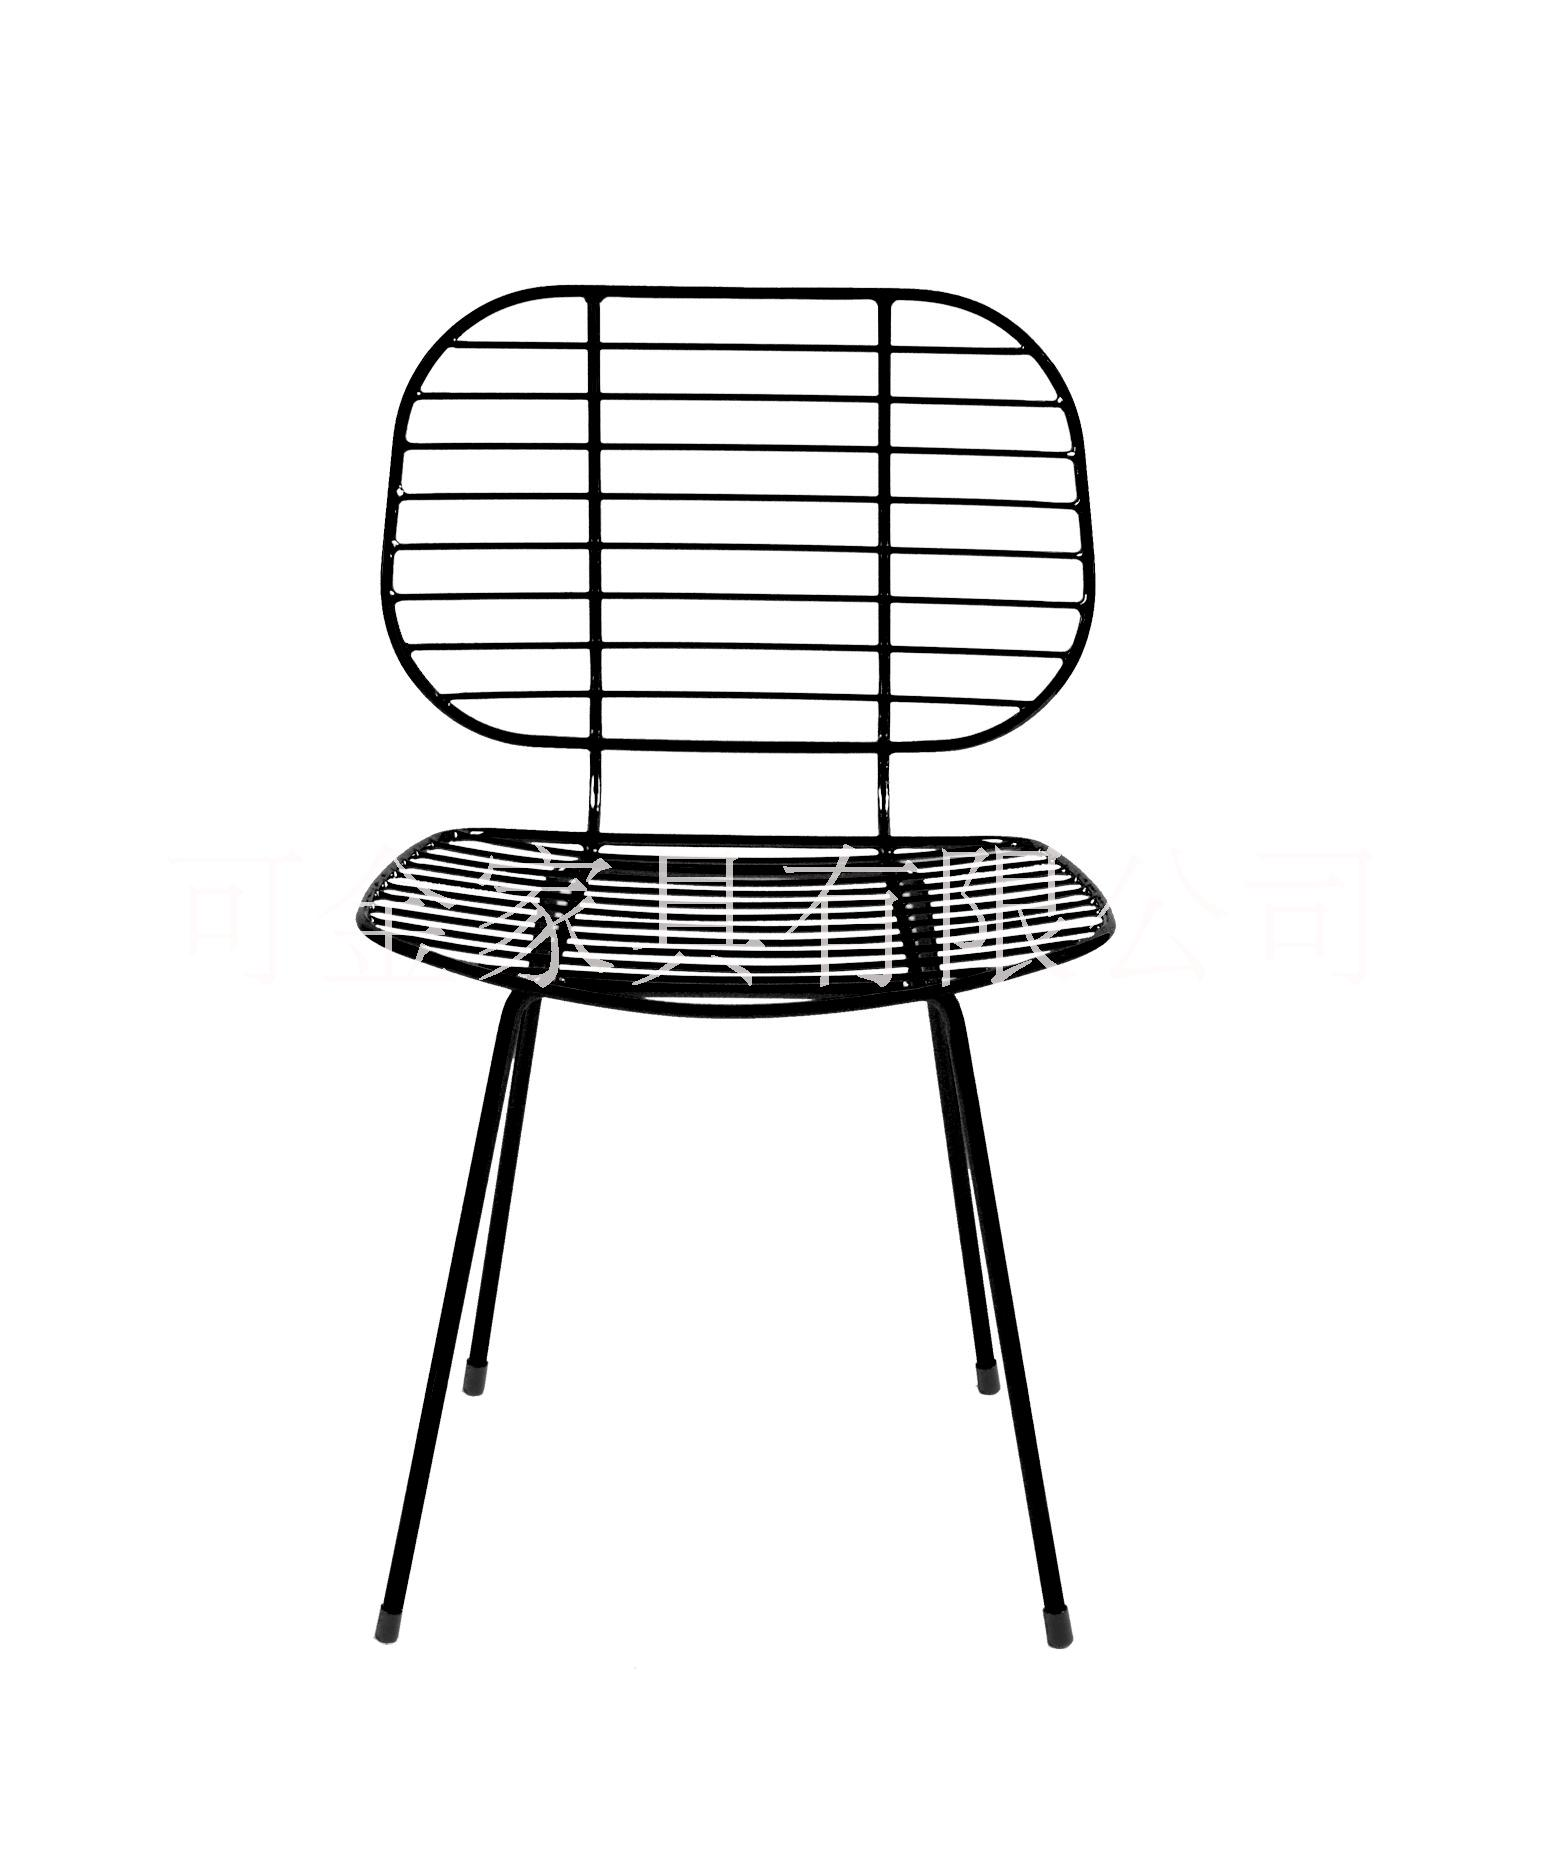 可金家具铁线金属餐椅 北欧铁艺镂空椅 家用创意金属餐椅批发图片